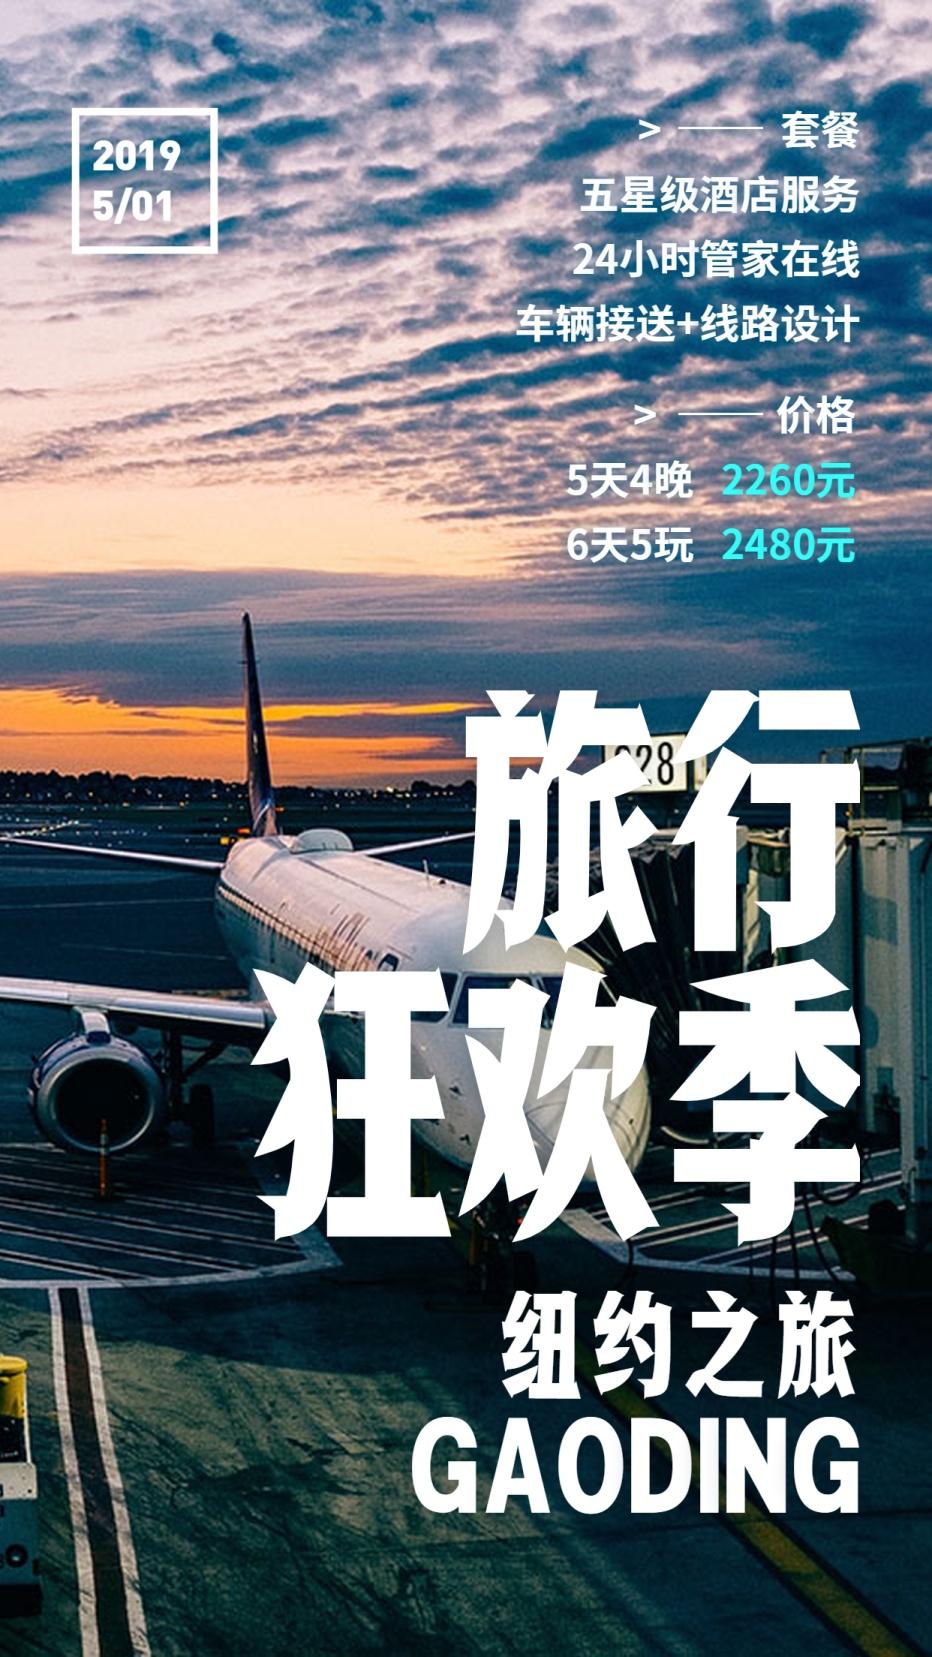 旅游狂欢季手机海报